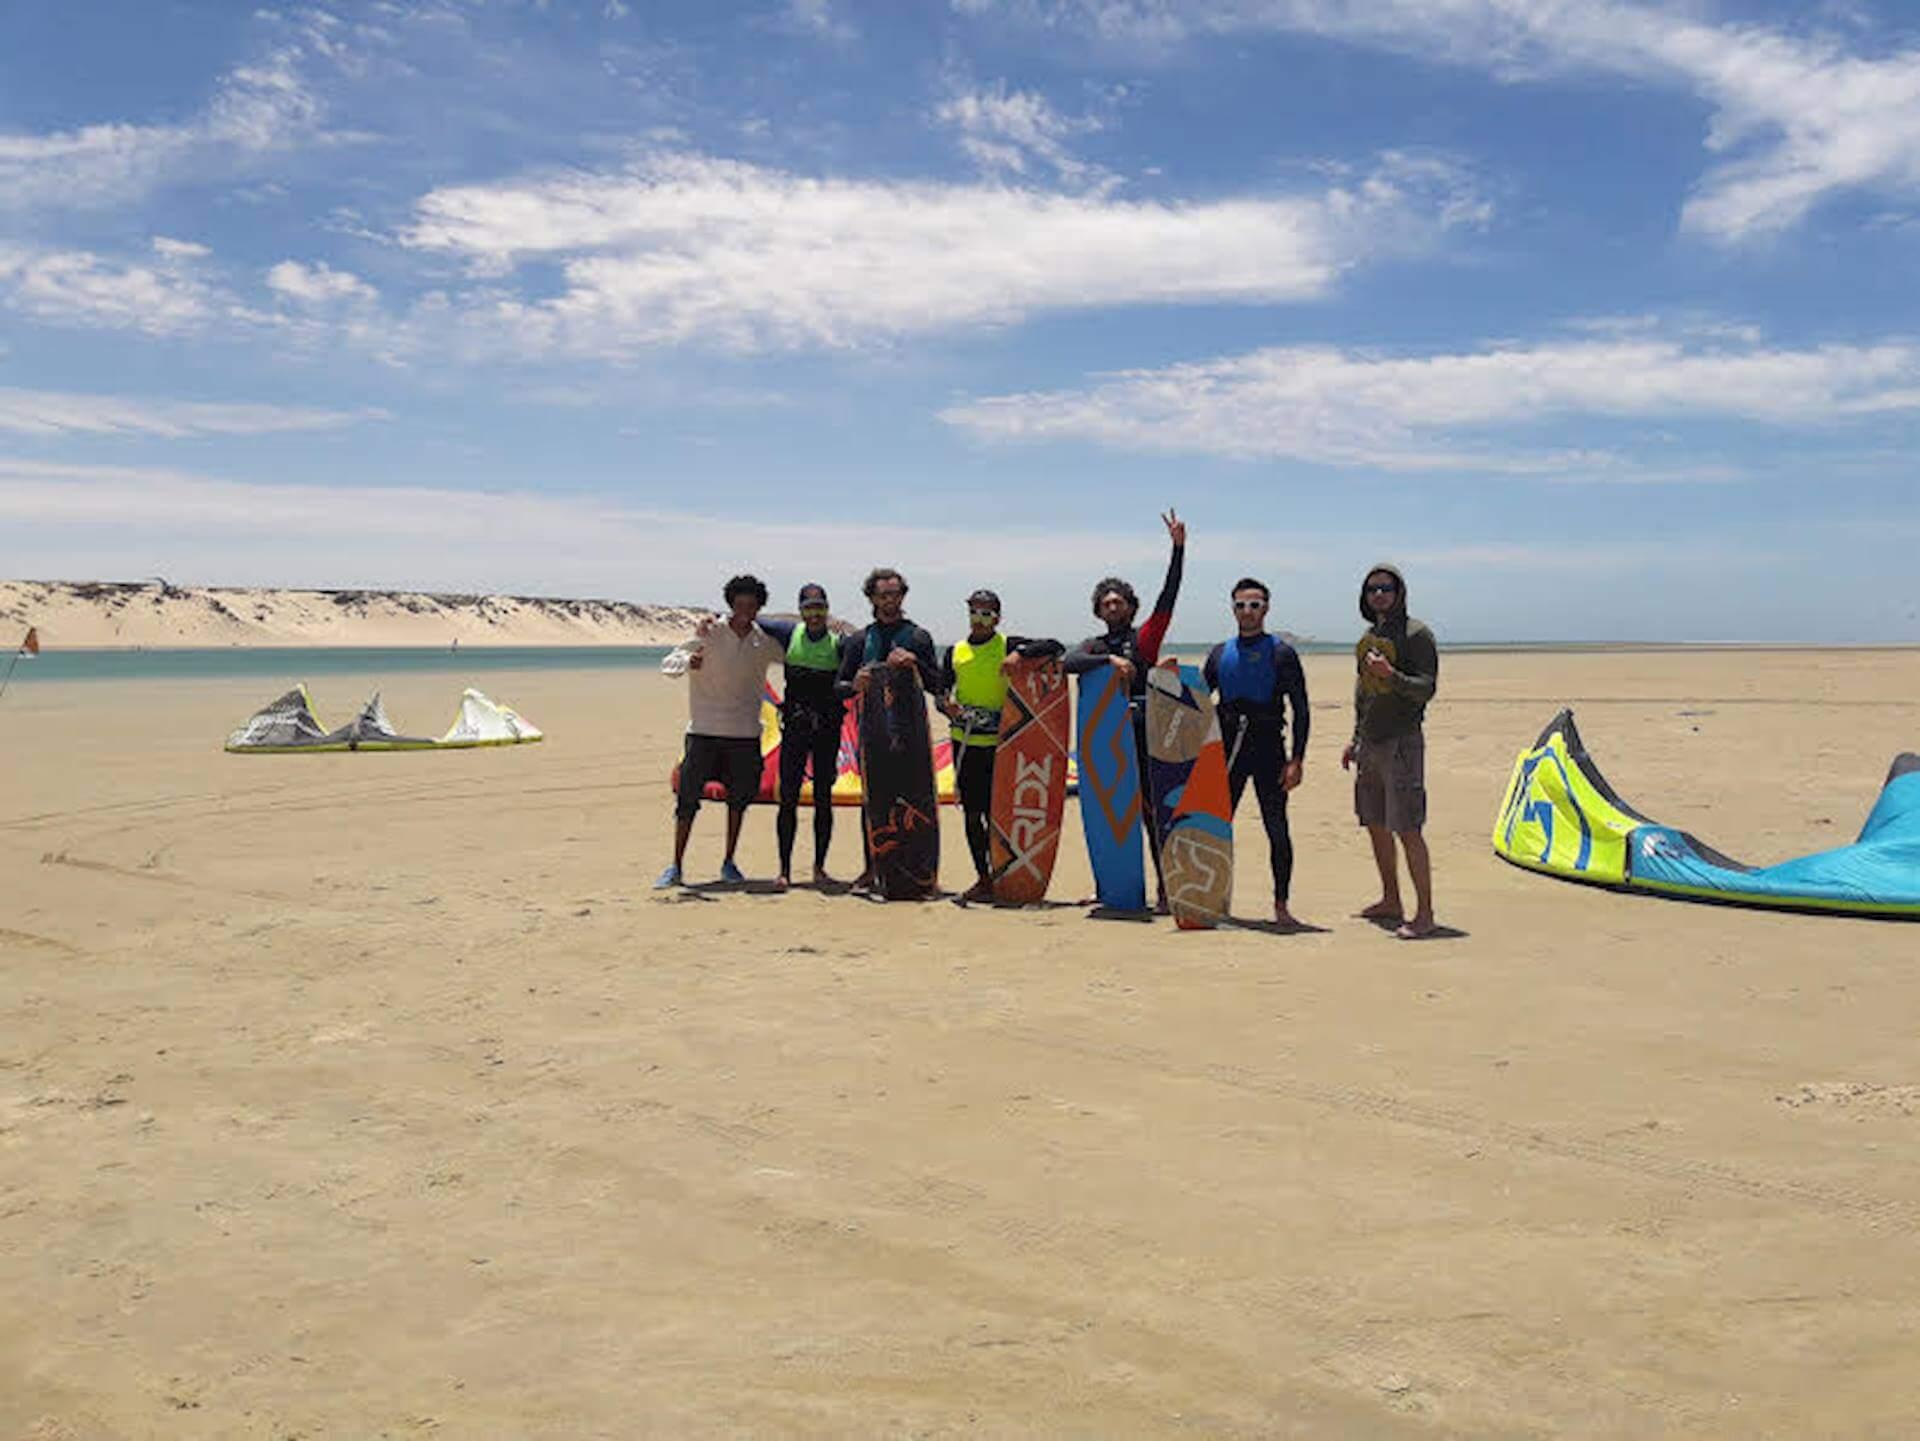 kitesurf camps in Morocco